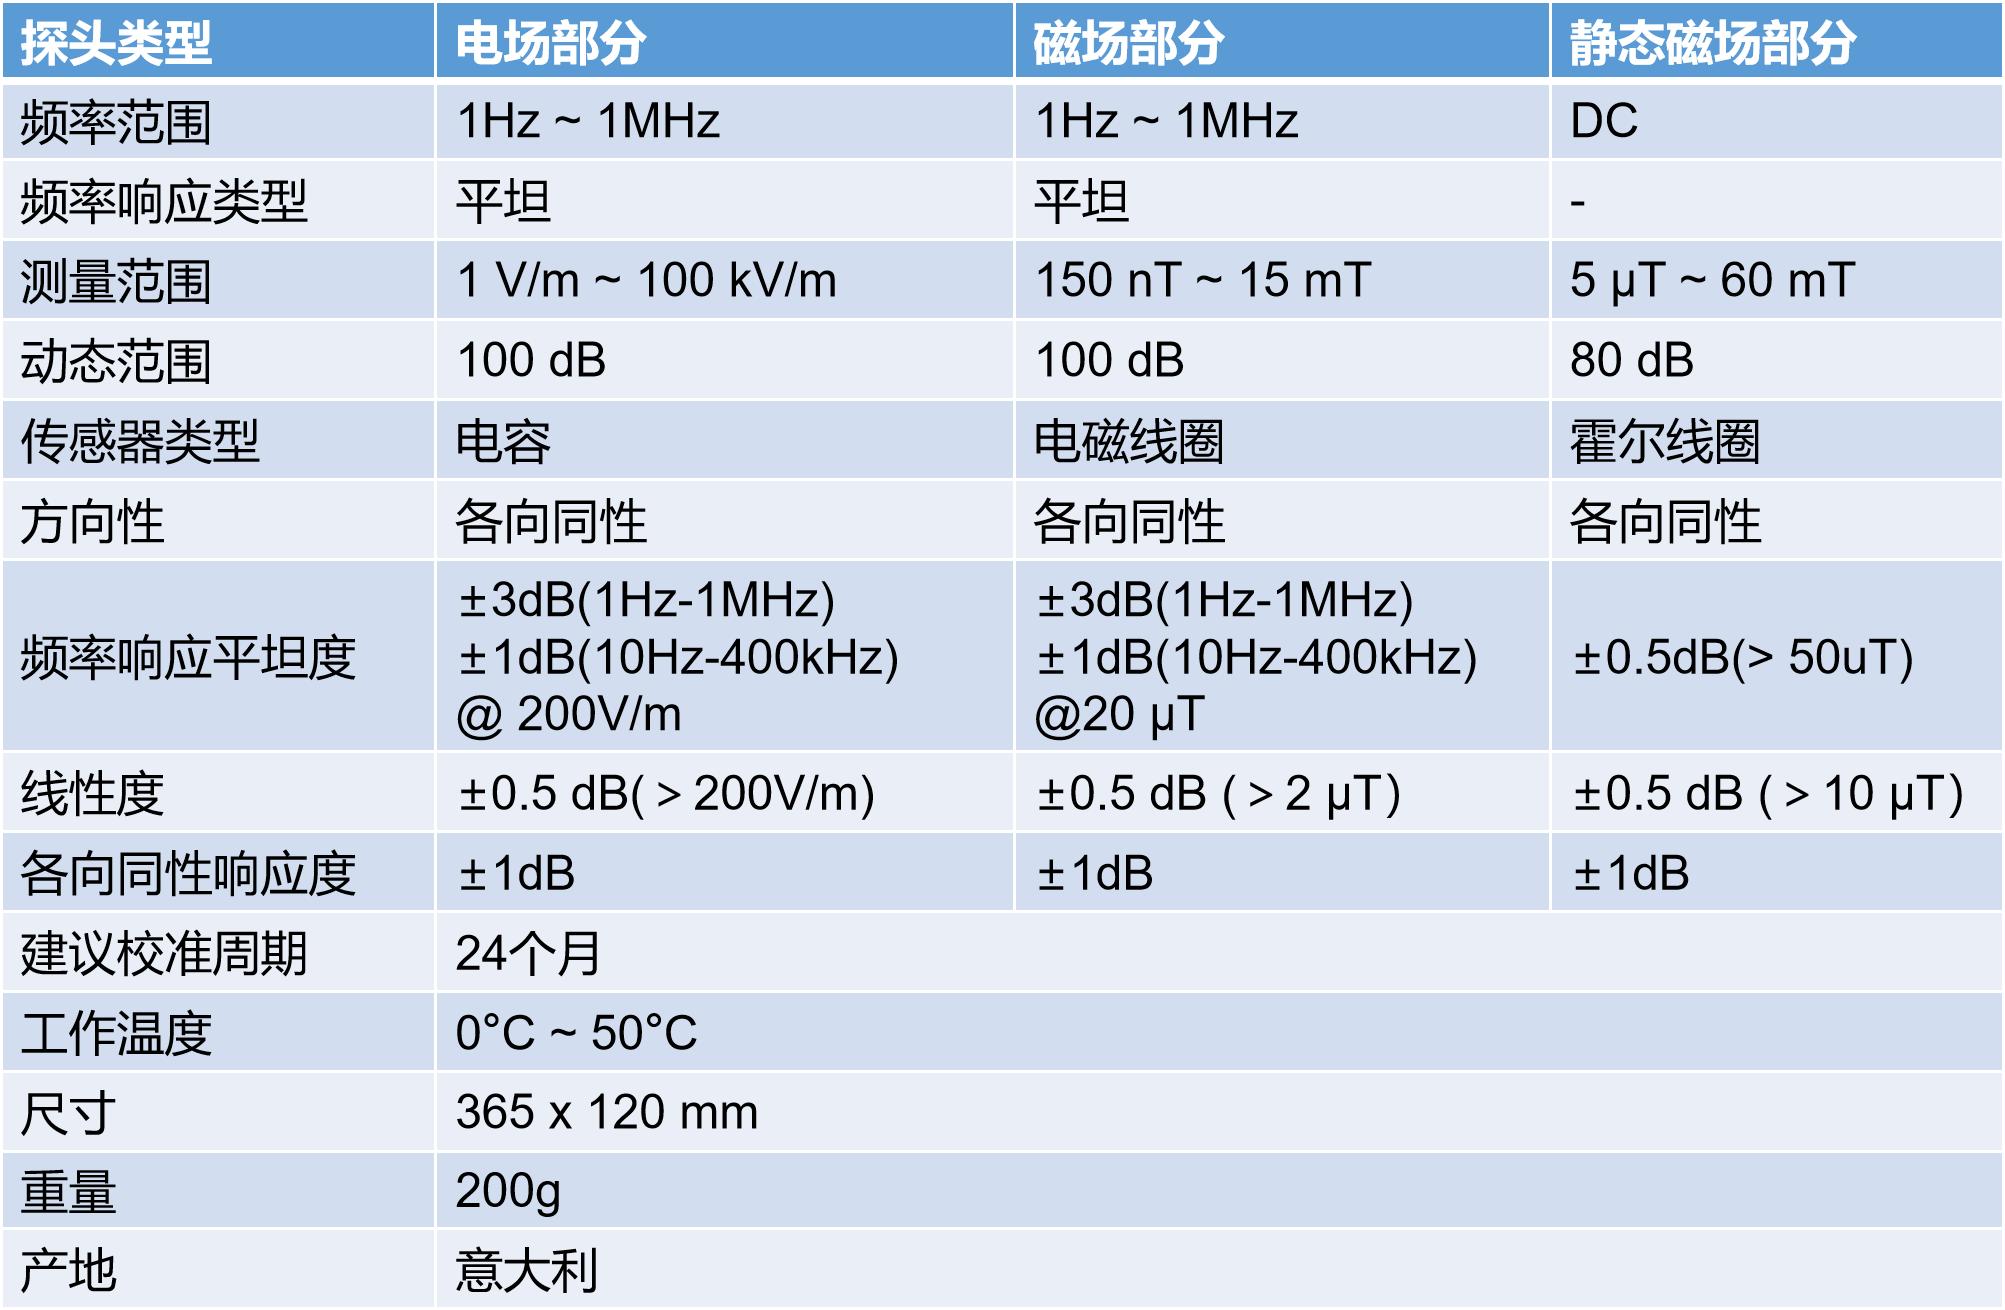 Microrad微纳德33S探头参数